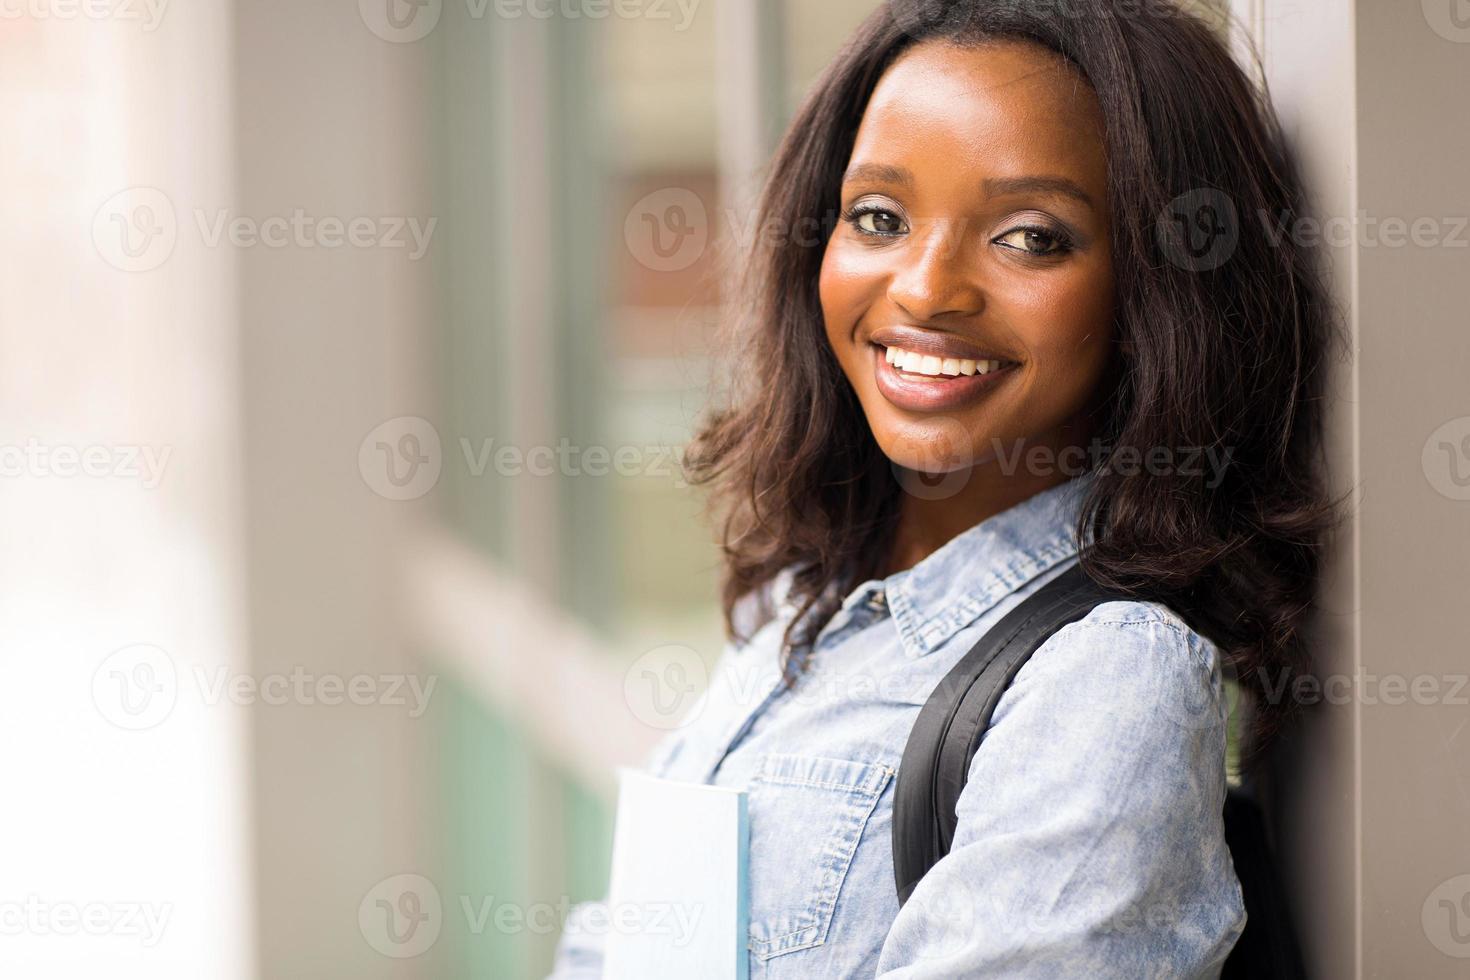 studente universitario africano con libri foto